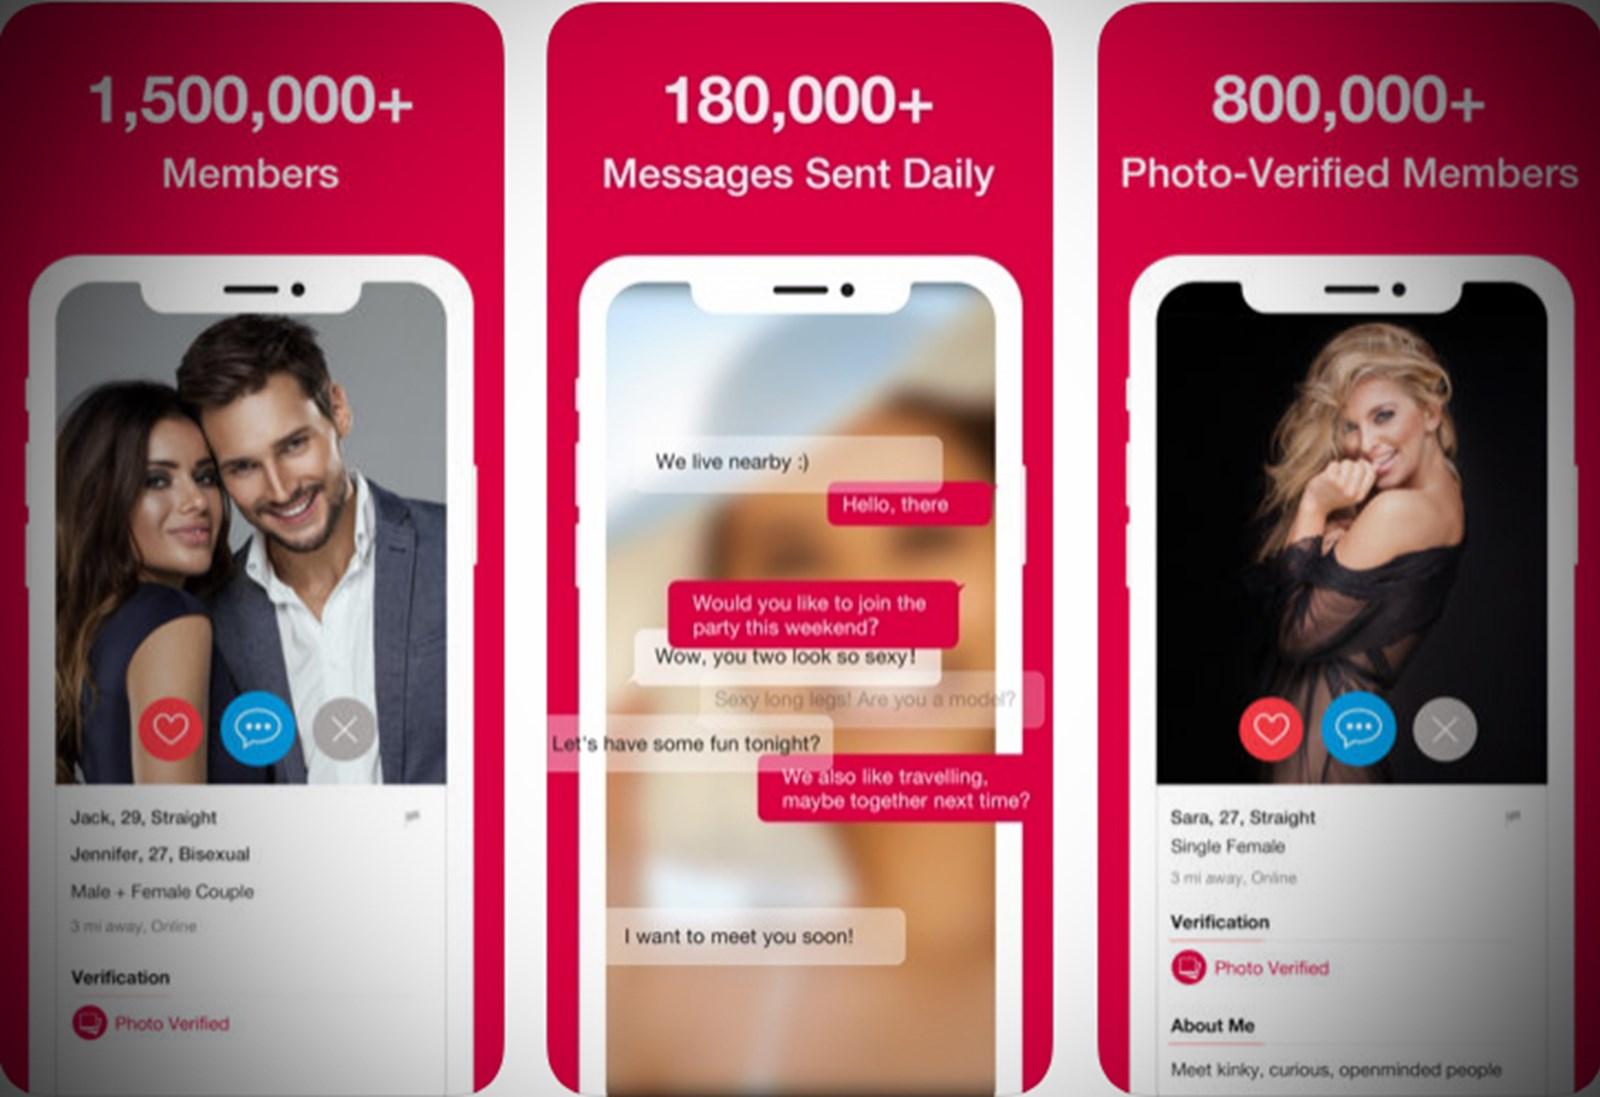 Gruppensex-App 3Fun: Fotos und Standorte von 1,5 Millionen Nutzer waren abrufbar – derStandard.at